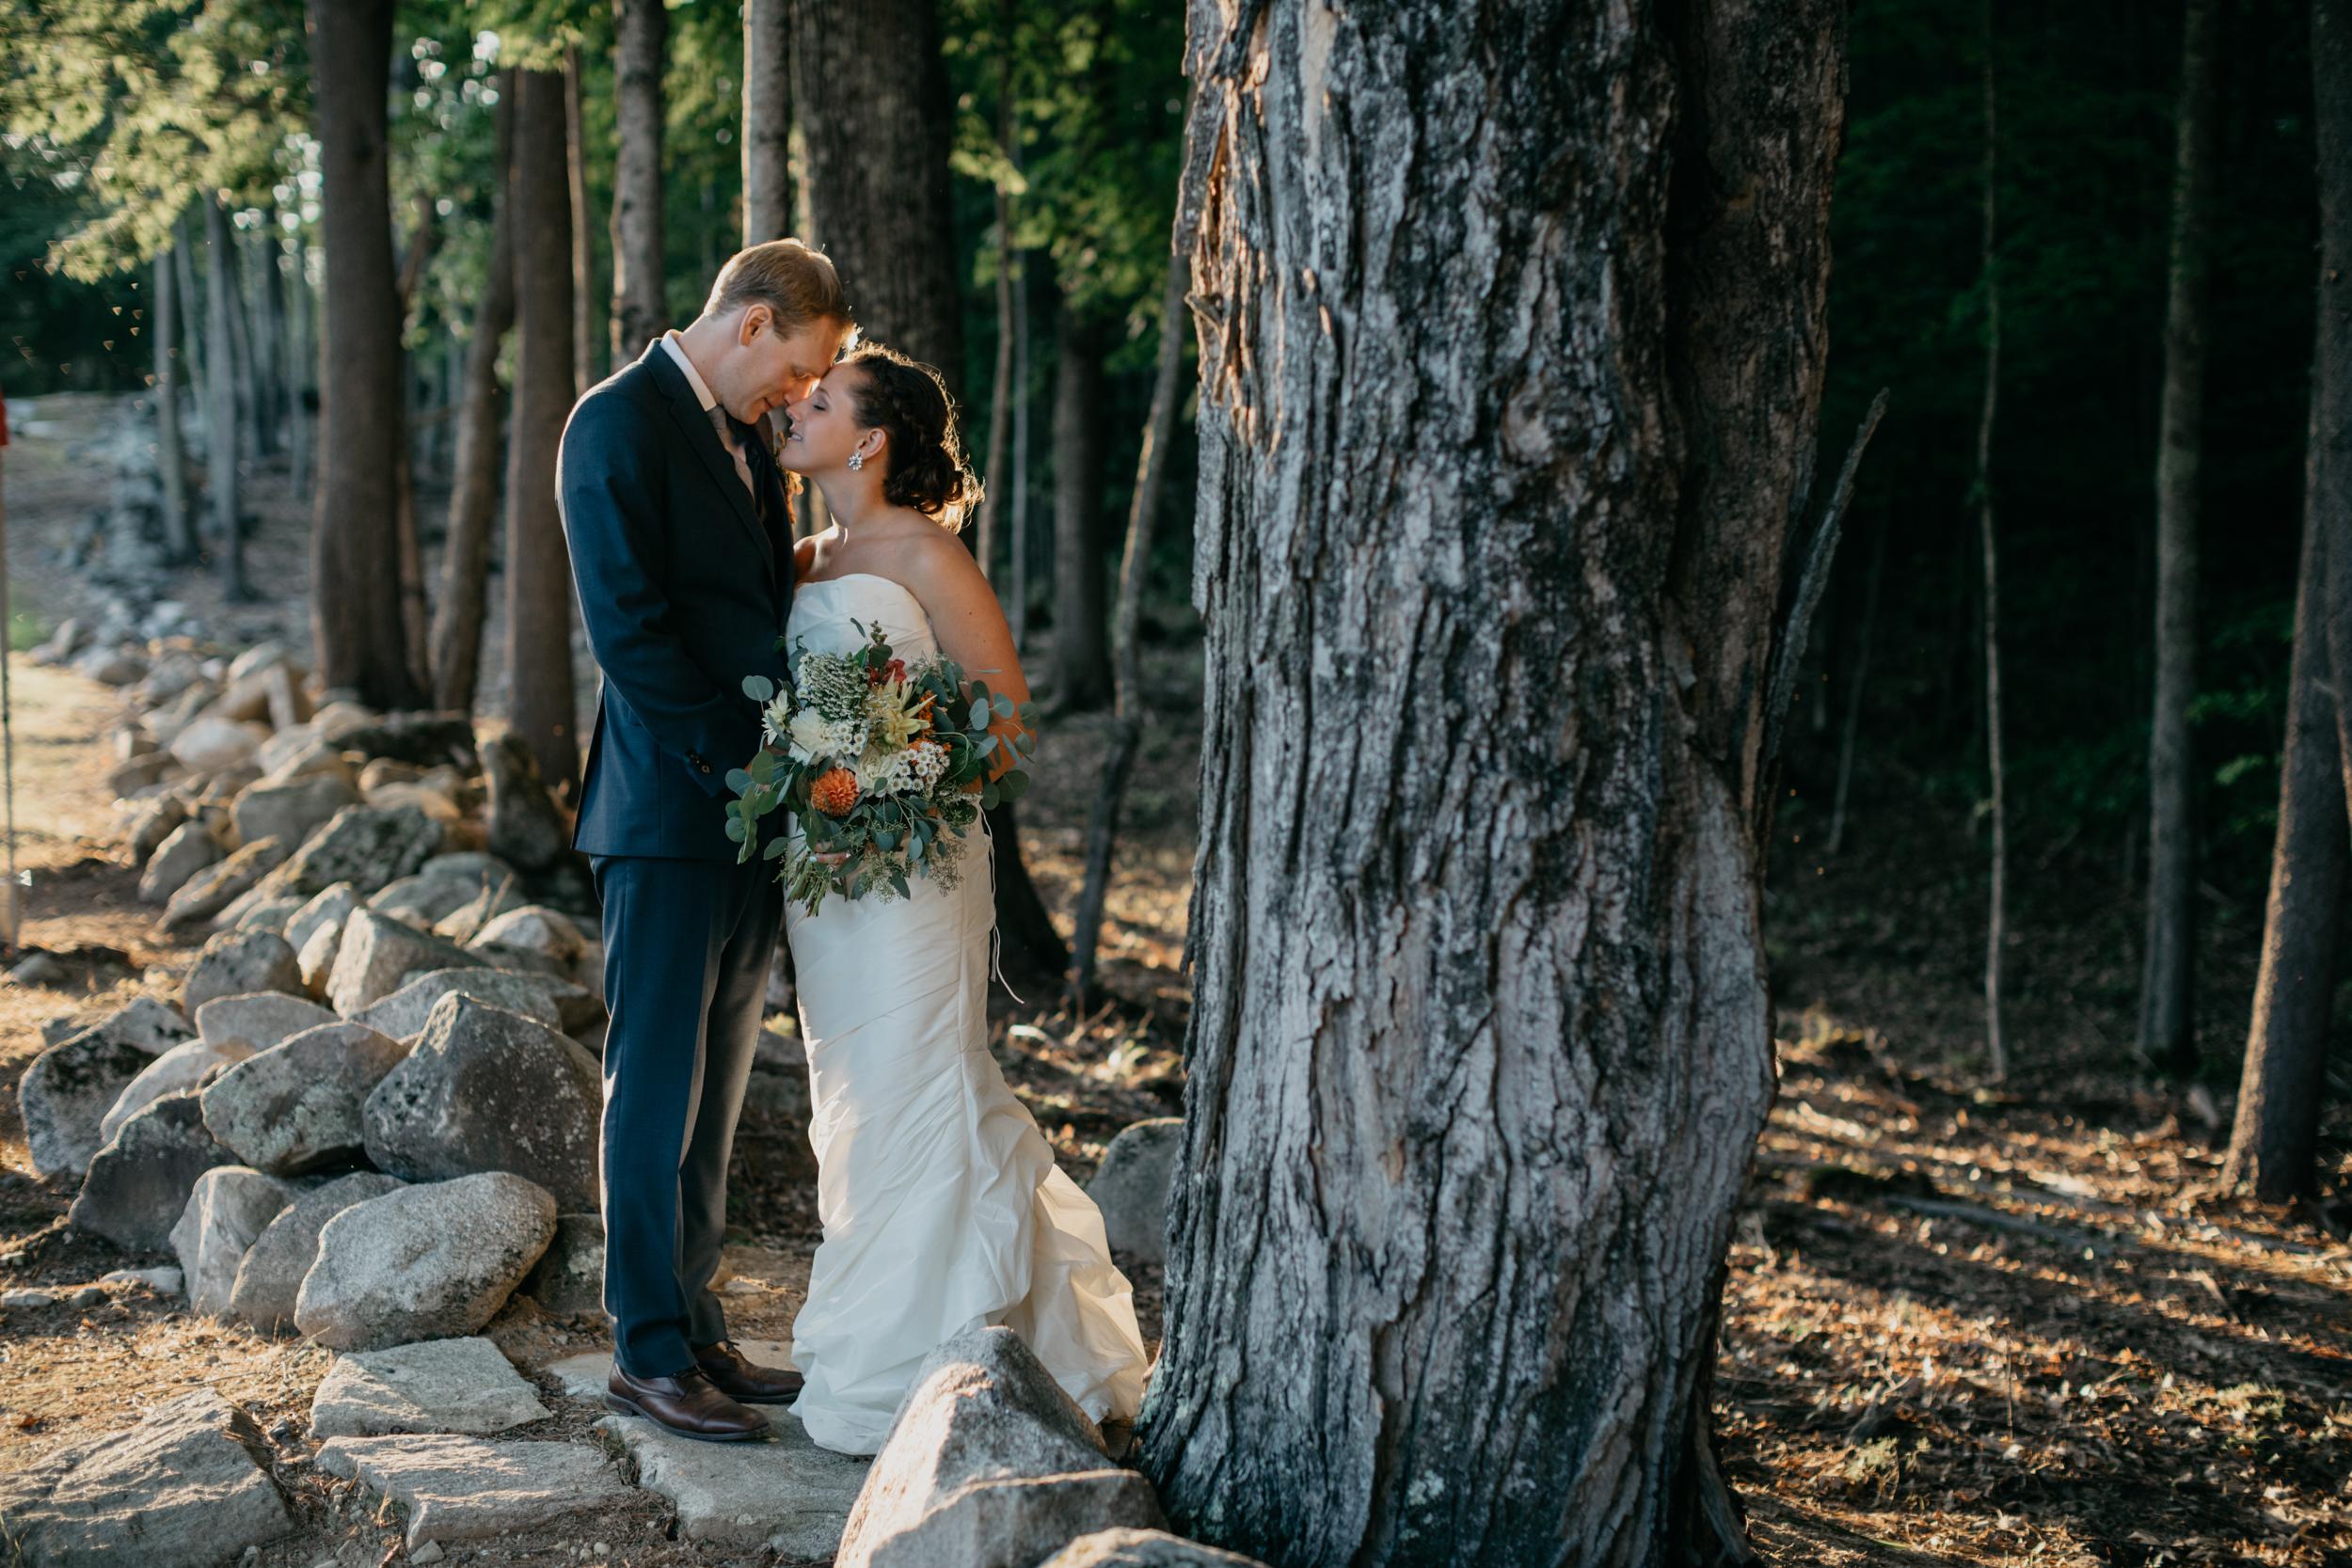 Jessie_Erik_Pownal_Maine_Wedding_William_allen_farm_047.jpg